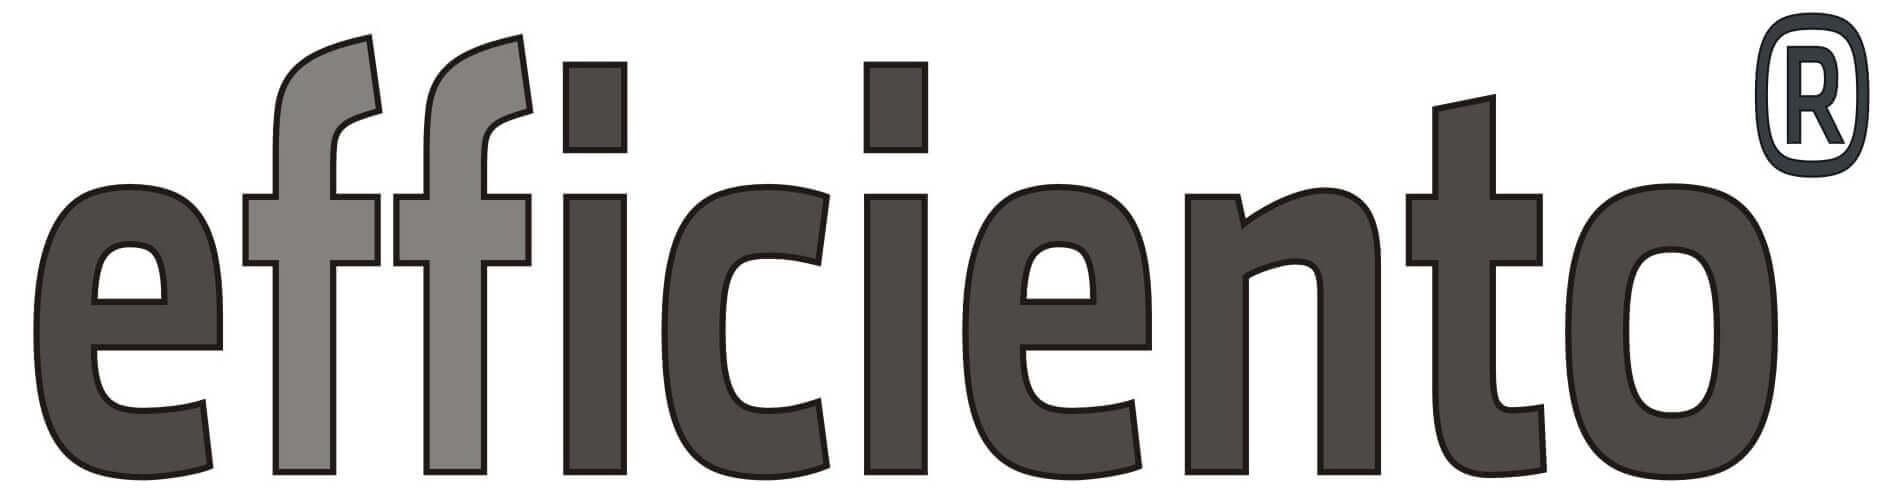 Neues Logo des Patentes